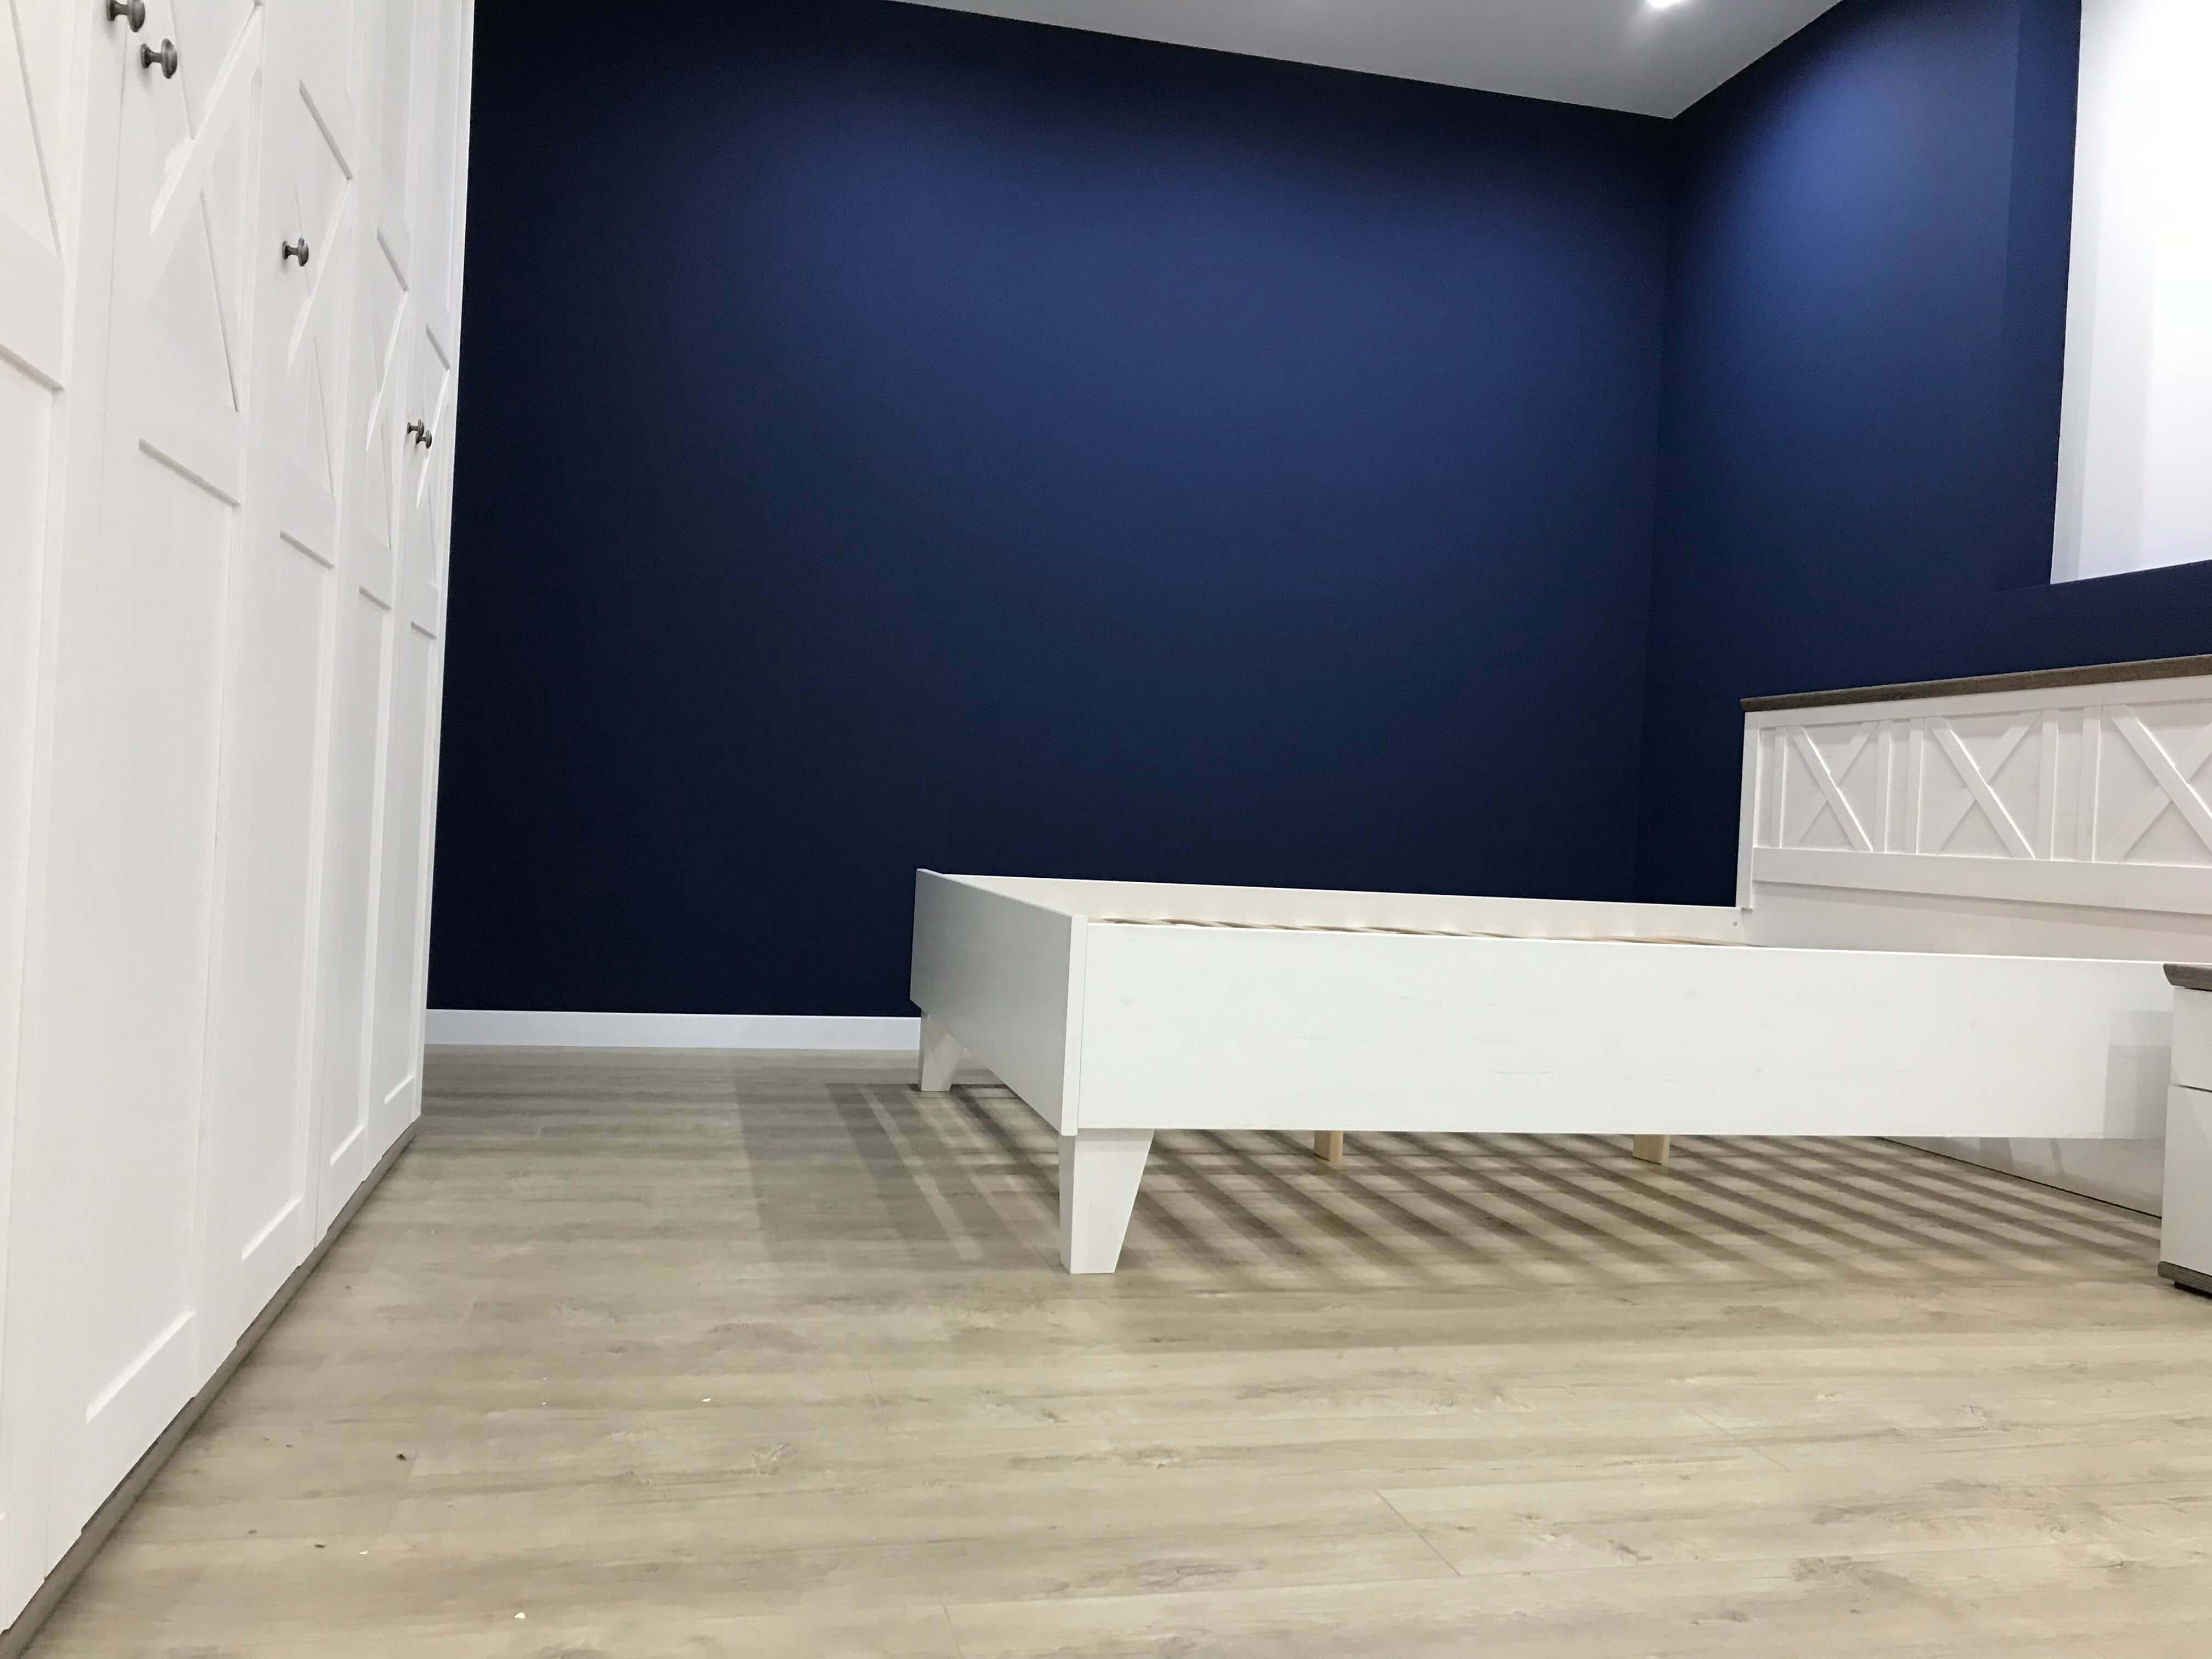 две стены выкрашены в яркий синий для контраста